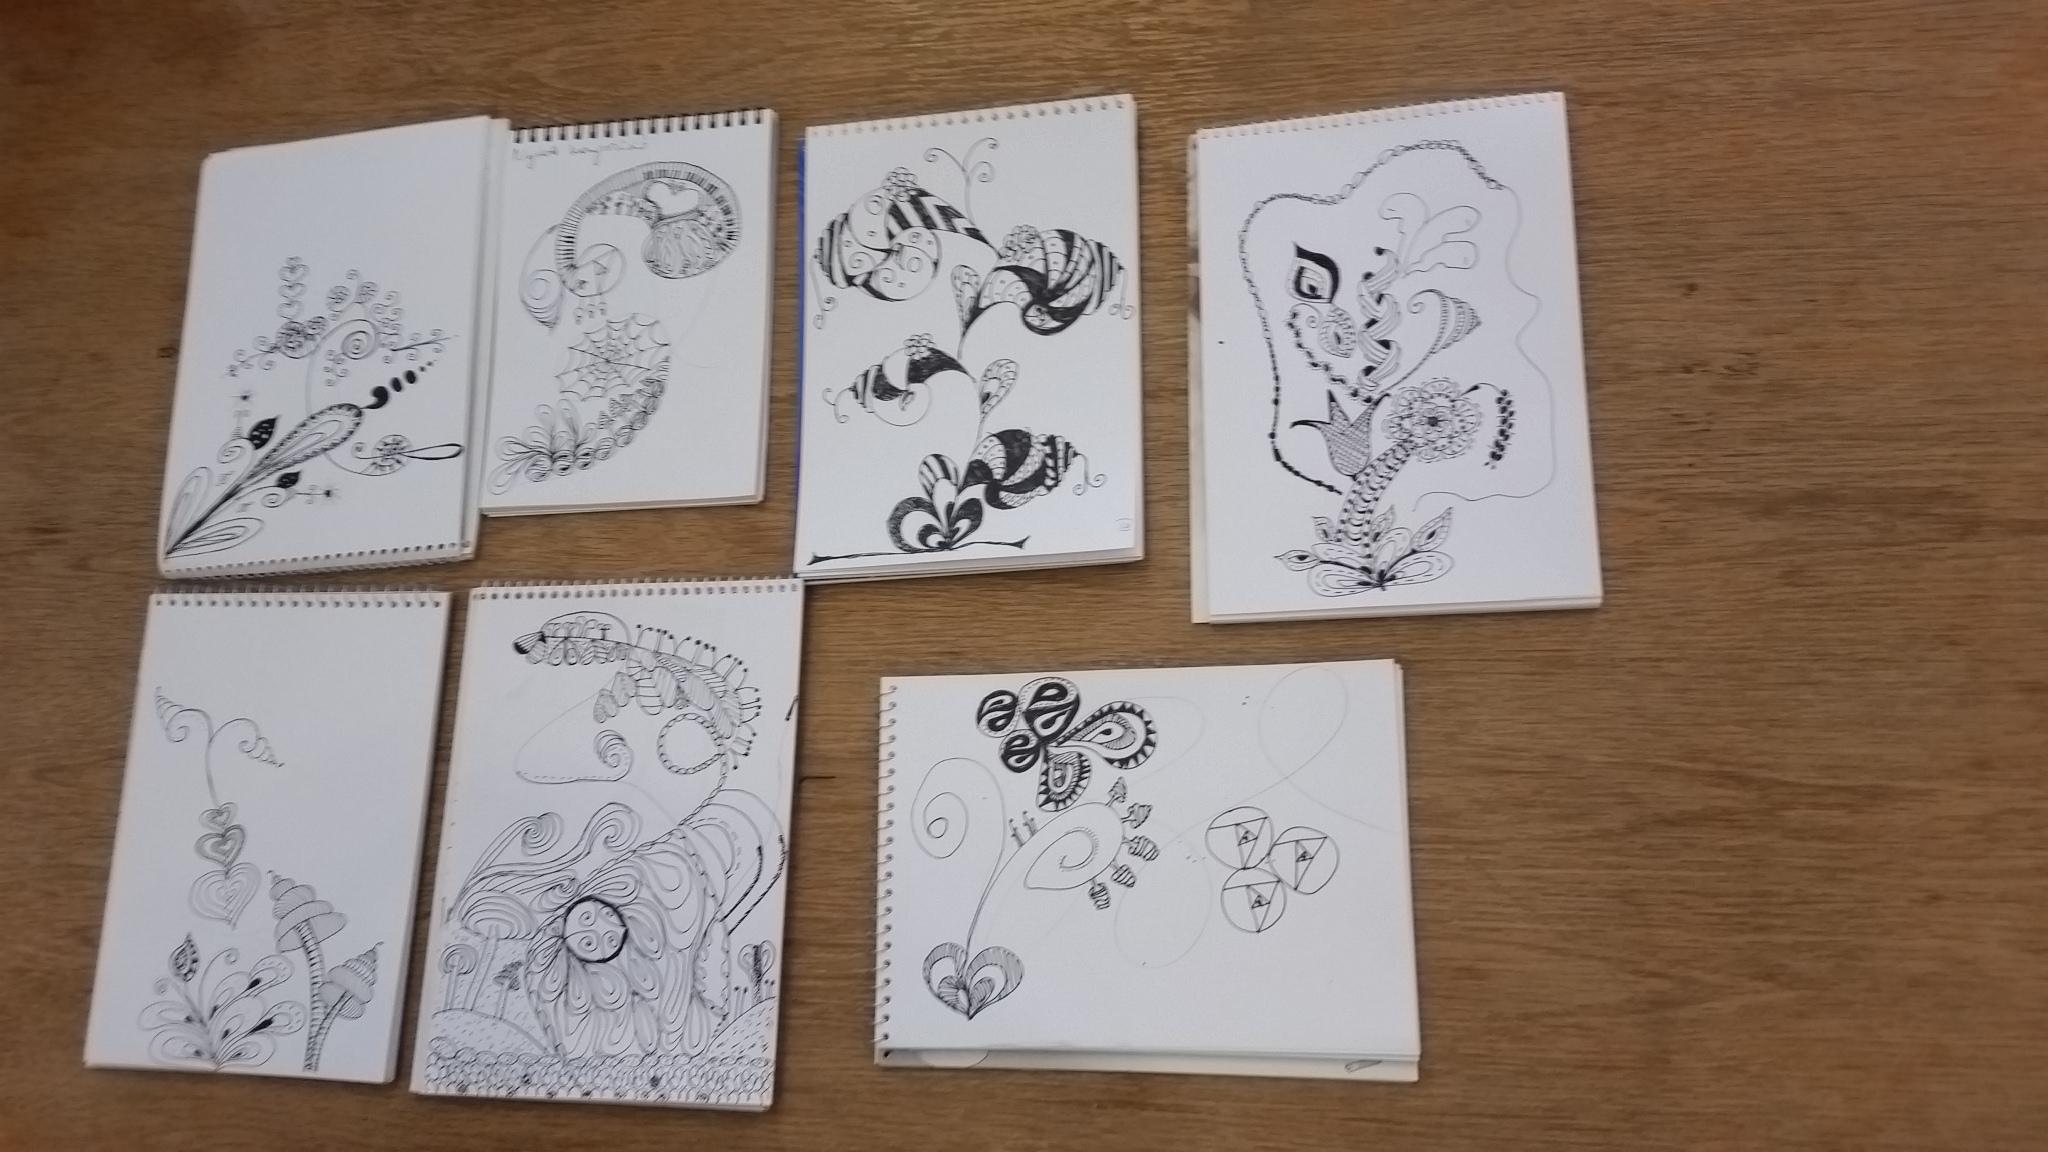 Kiskunfélegyházán is elindult a rajzmeditációs tanfolyam